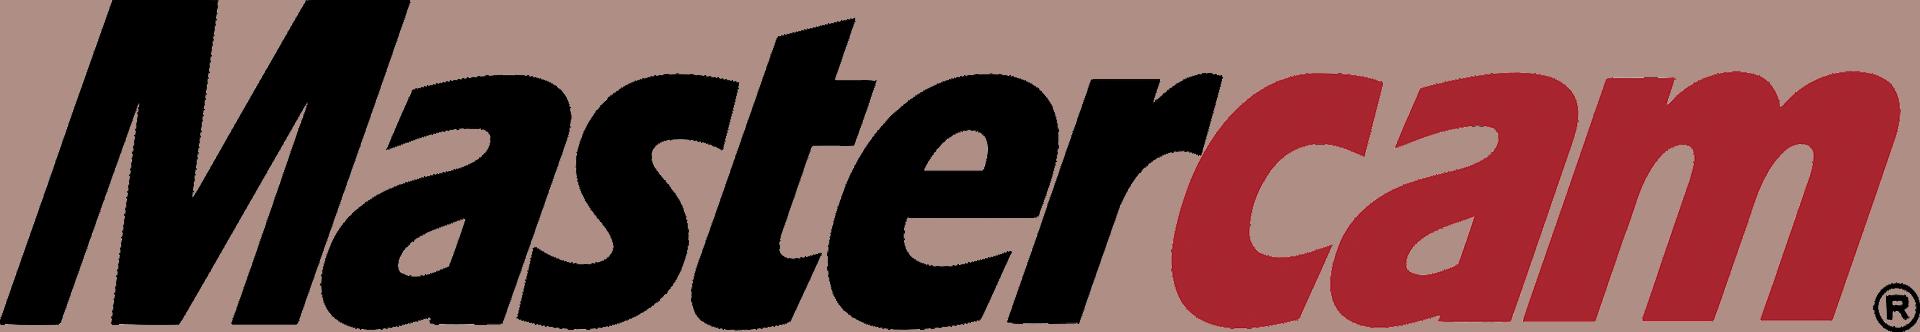 Götlunda CNC Teknik AB använder Mastercam